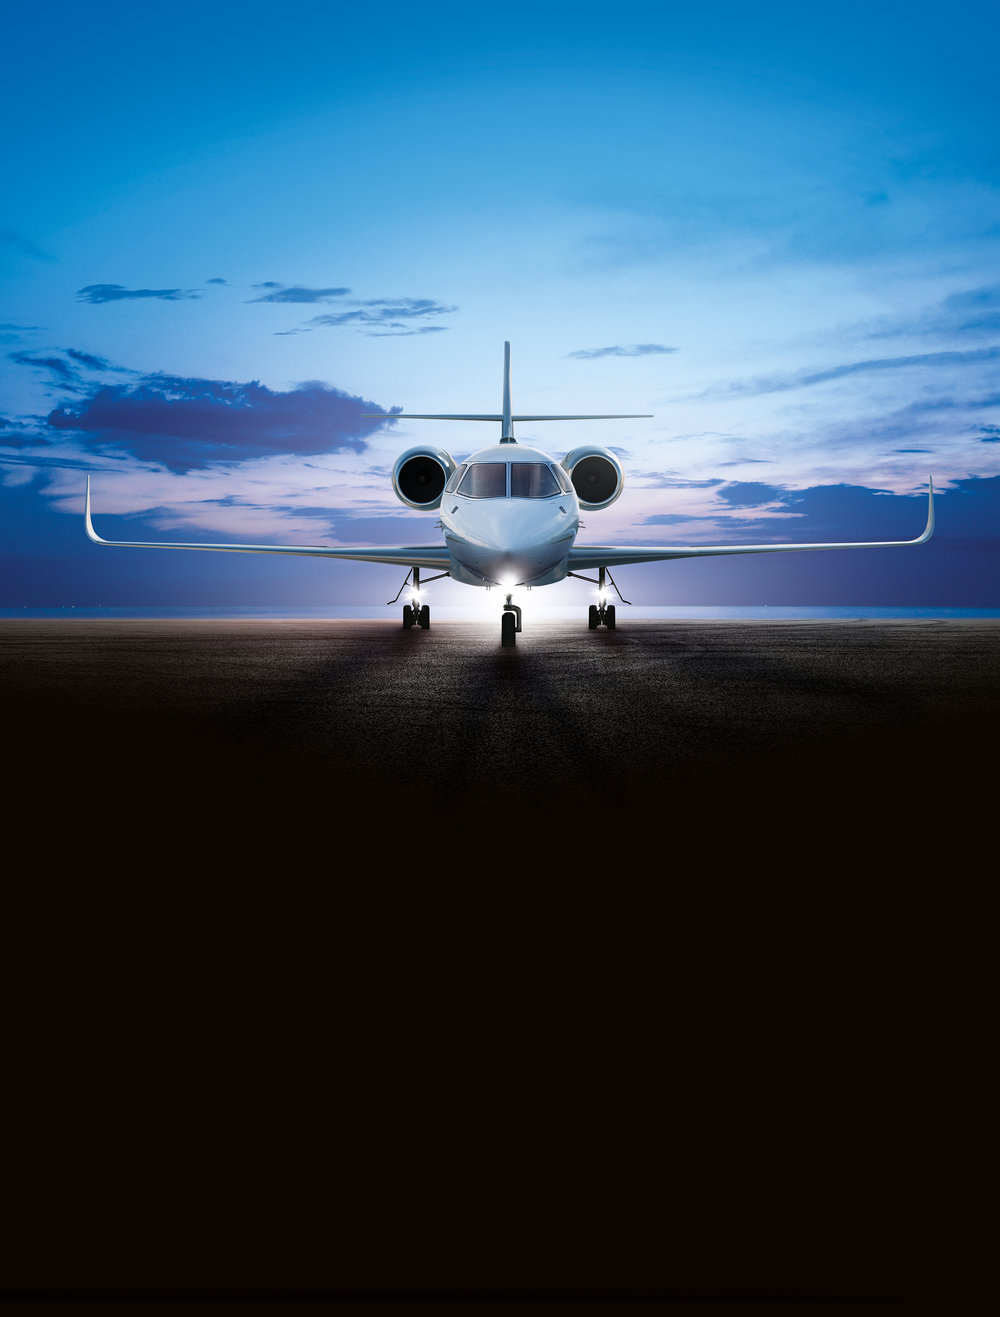 DISPONIBILITE GARANTIE   Vous pouvez choisir la catégorie de jet privé qui correspond à vos besoins et bénéficier d'une disponibilité garantie.